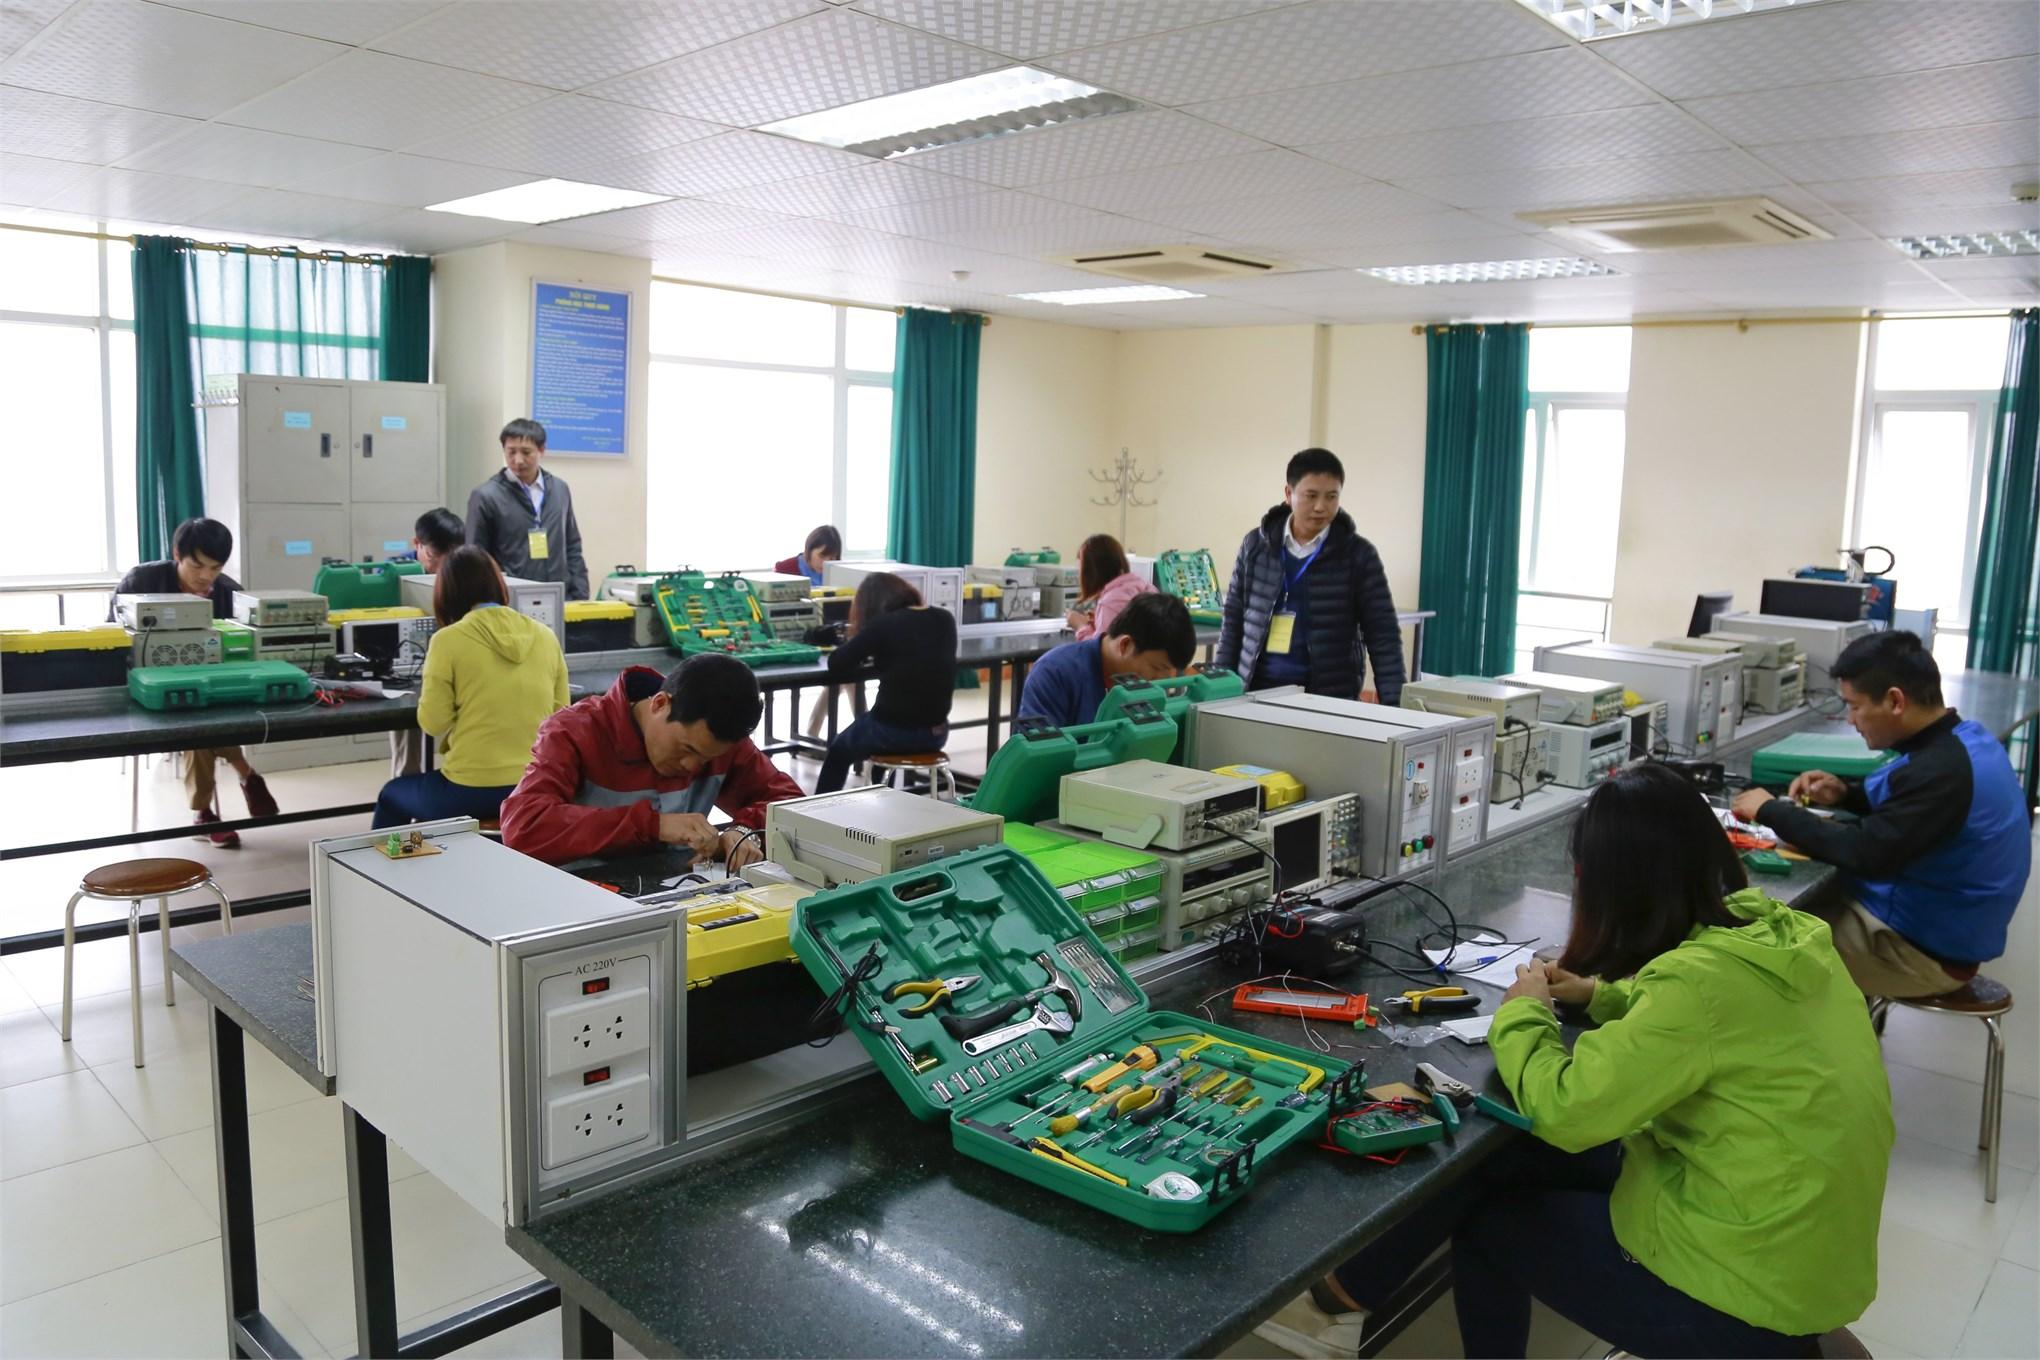 đánh giá kỹ năng nghề tại Trường Đại học Công nghiệp Hà Nội